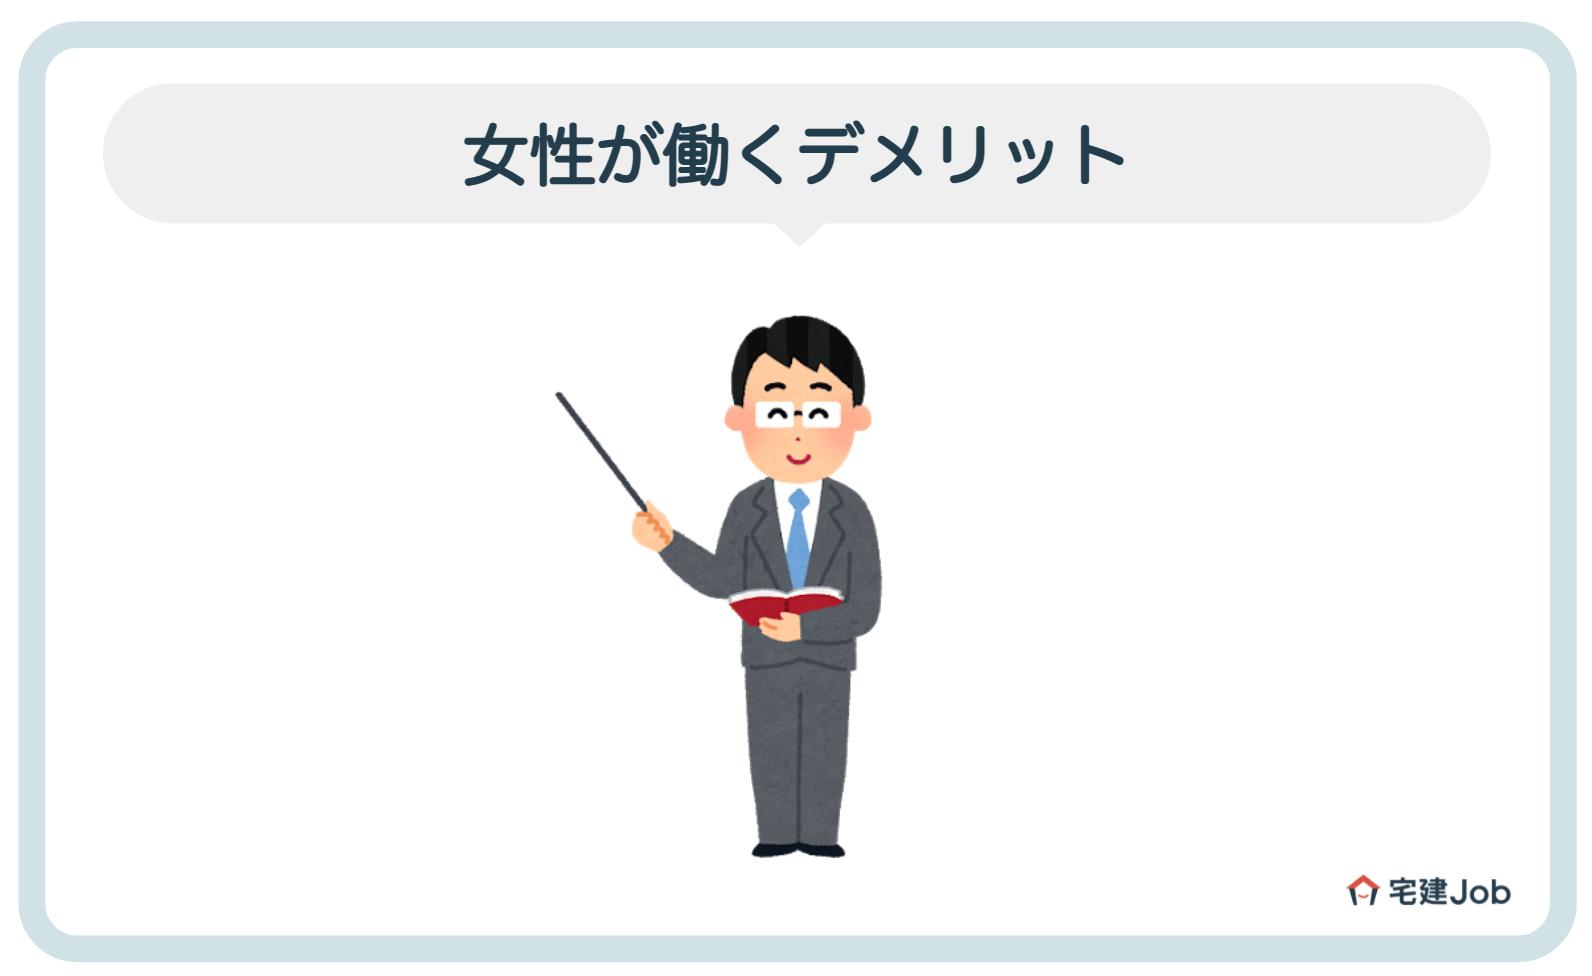 4.不動産業界で女性が働くデメリット【仕事内容】